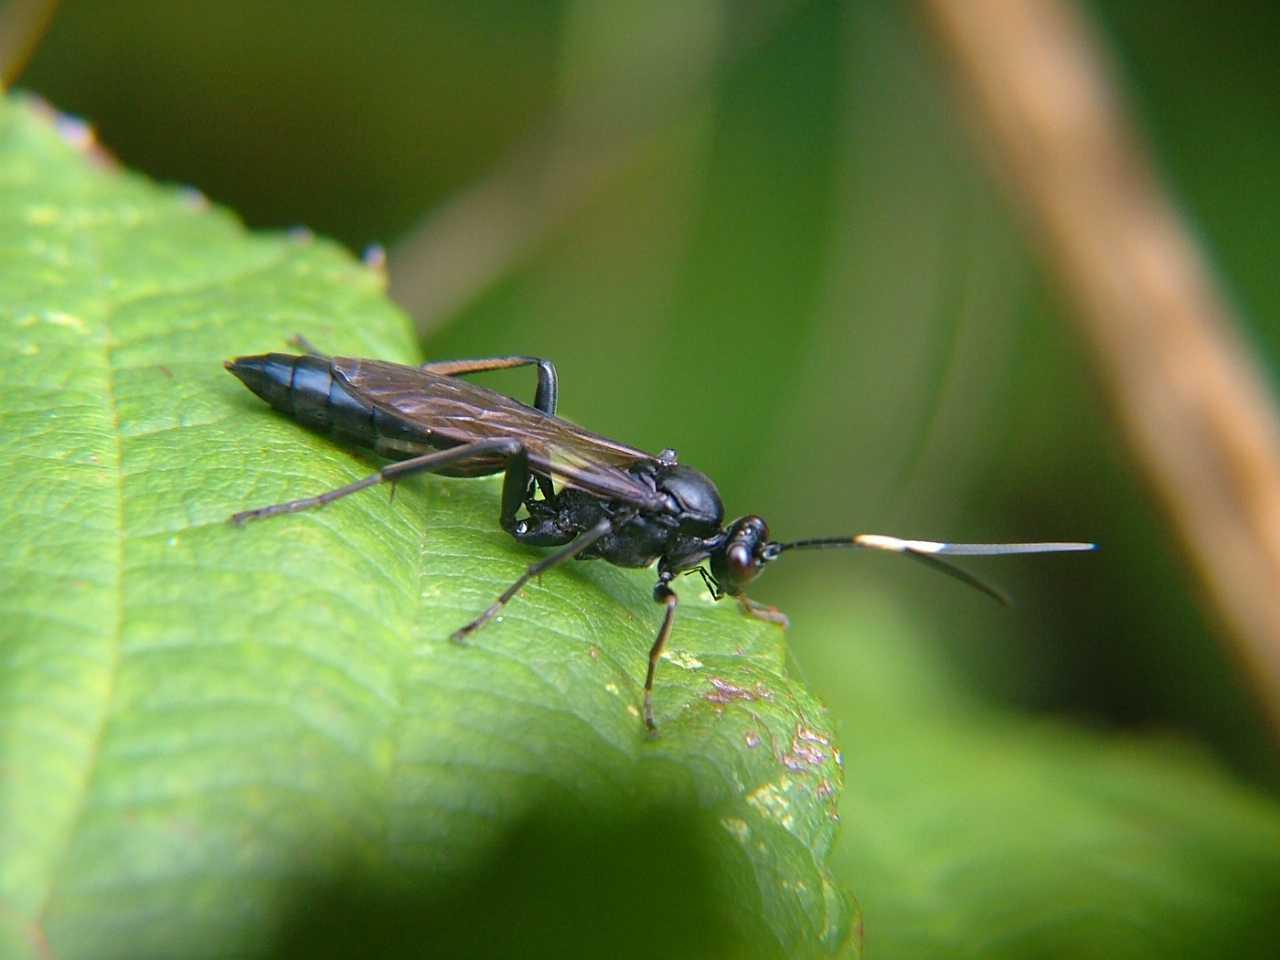 Diptera.info - Discussion Forum: UK Ichneumon Wasp -ID? Black Ichneumon Wasp